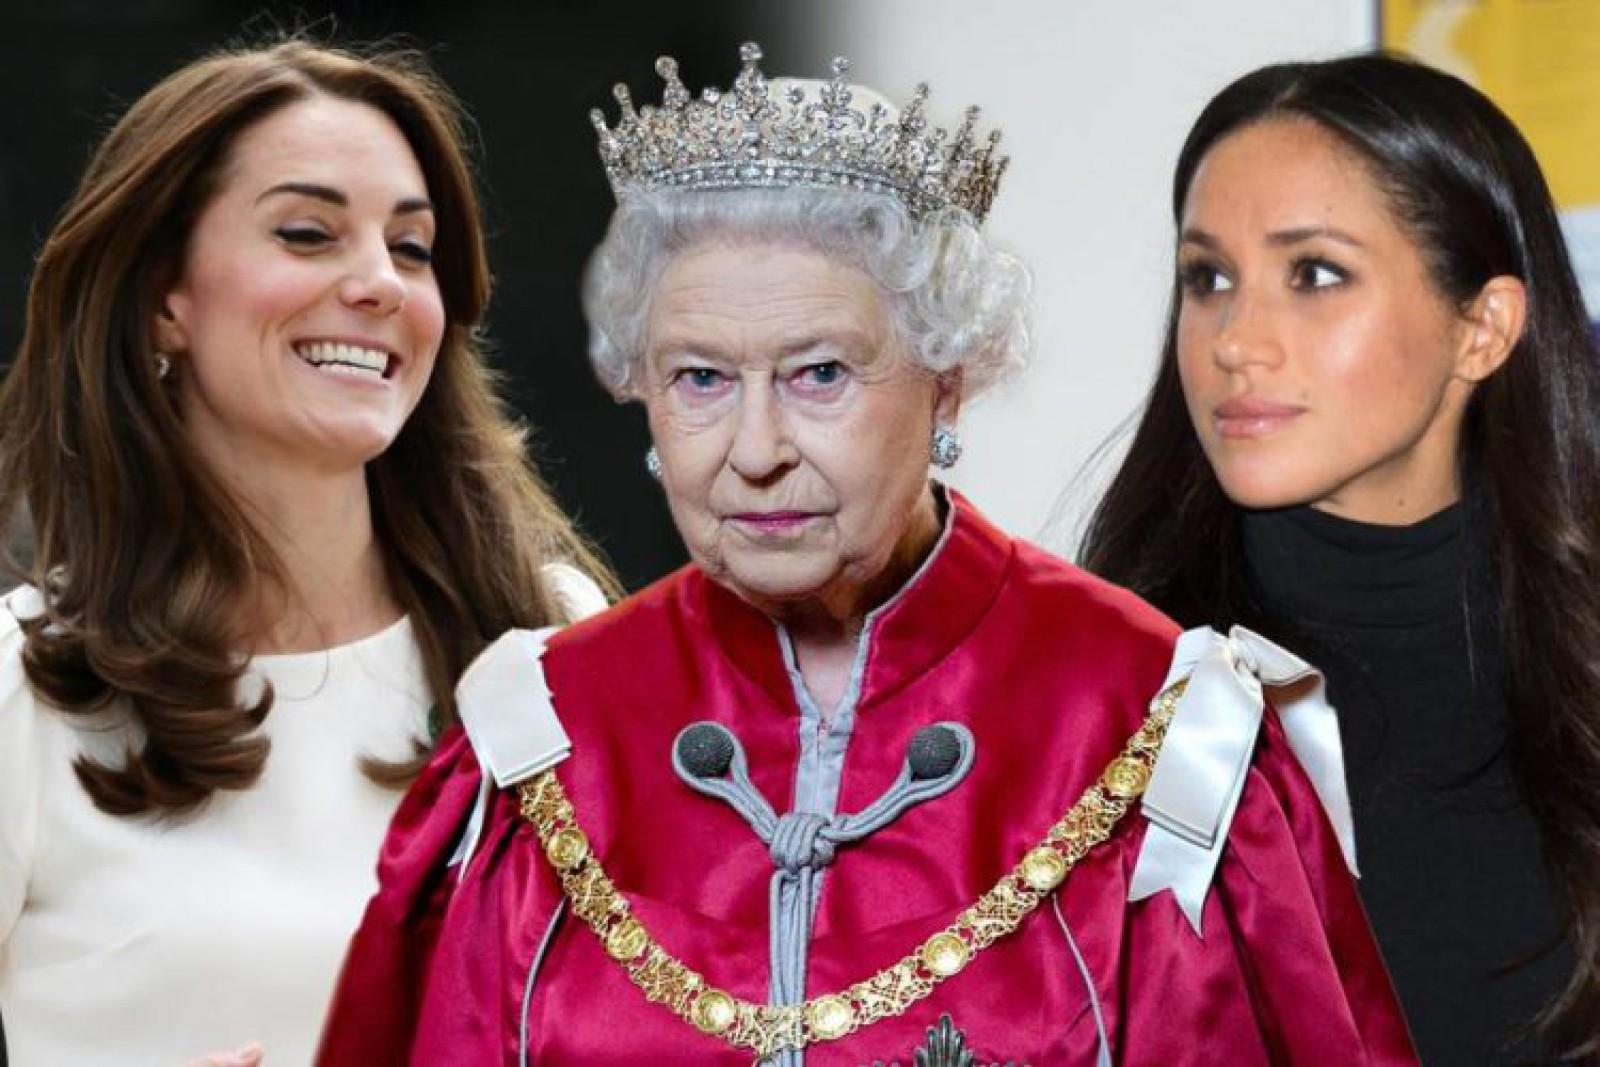 Meghan Markle, surprinsă de propunerea făcută de Regina Elisabeta. Kate n-a avut parte de aşa ceva